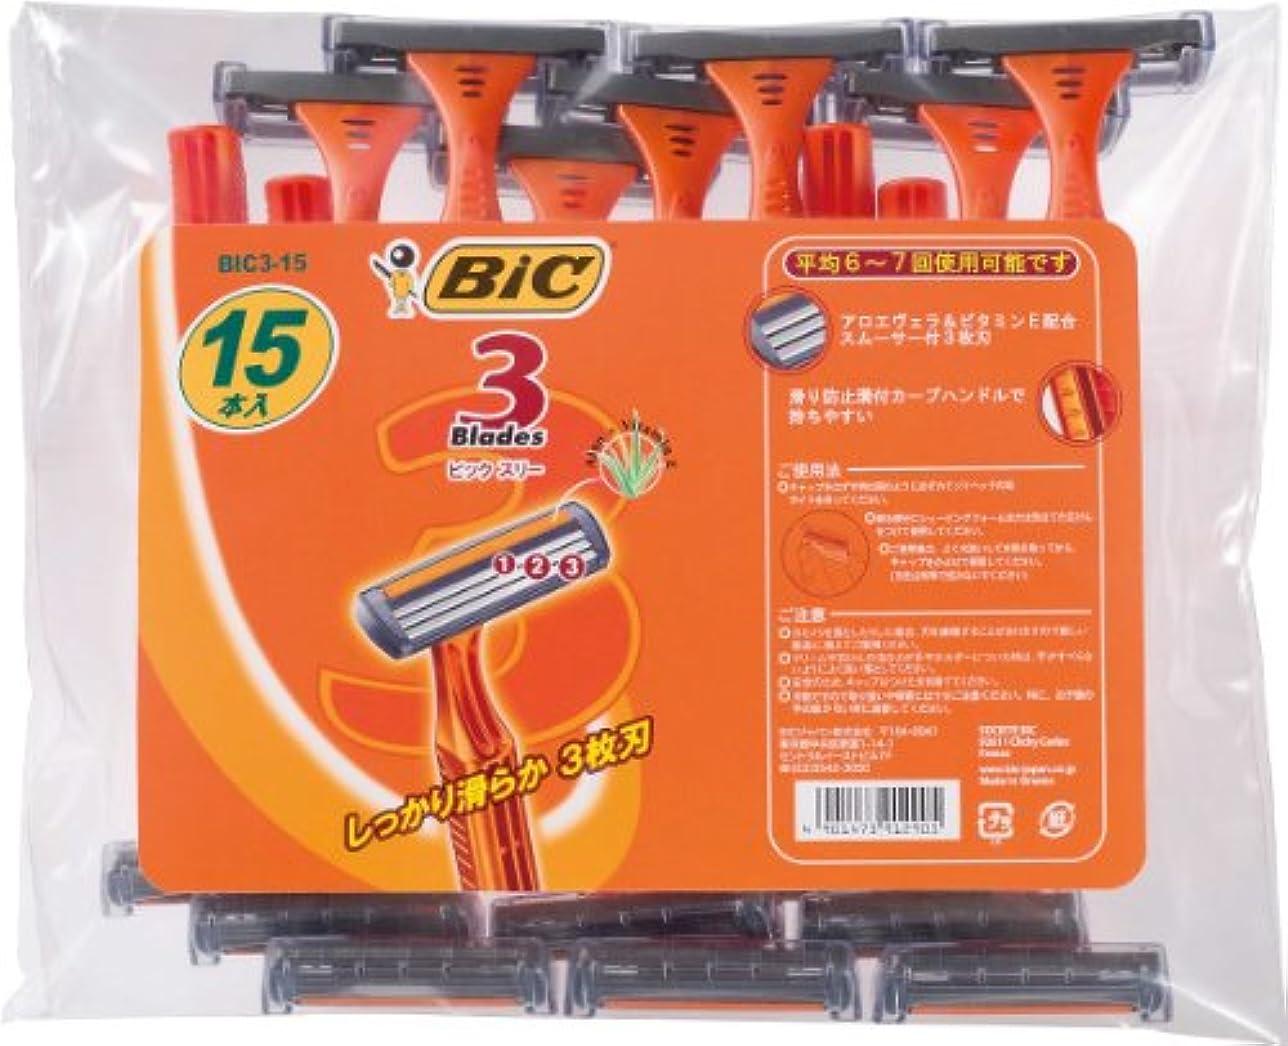 科学的シャツ類推ビック BIC BIC3 3枚刃 使い捨てカミソリ シェーバー ひげそり ディスポ 15本入